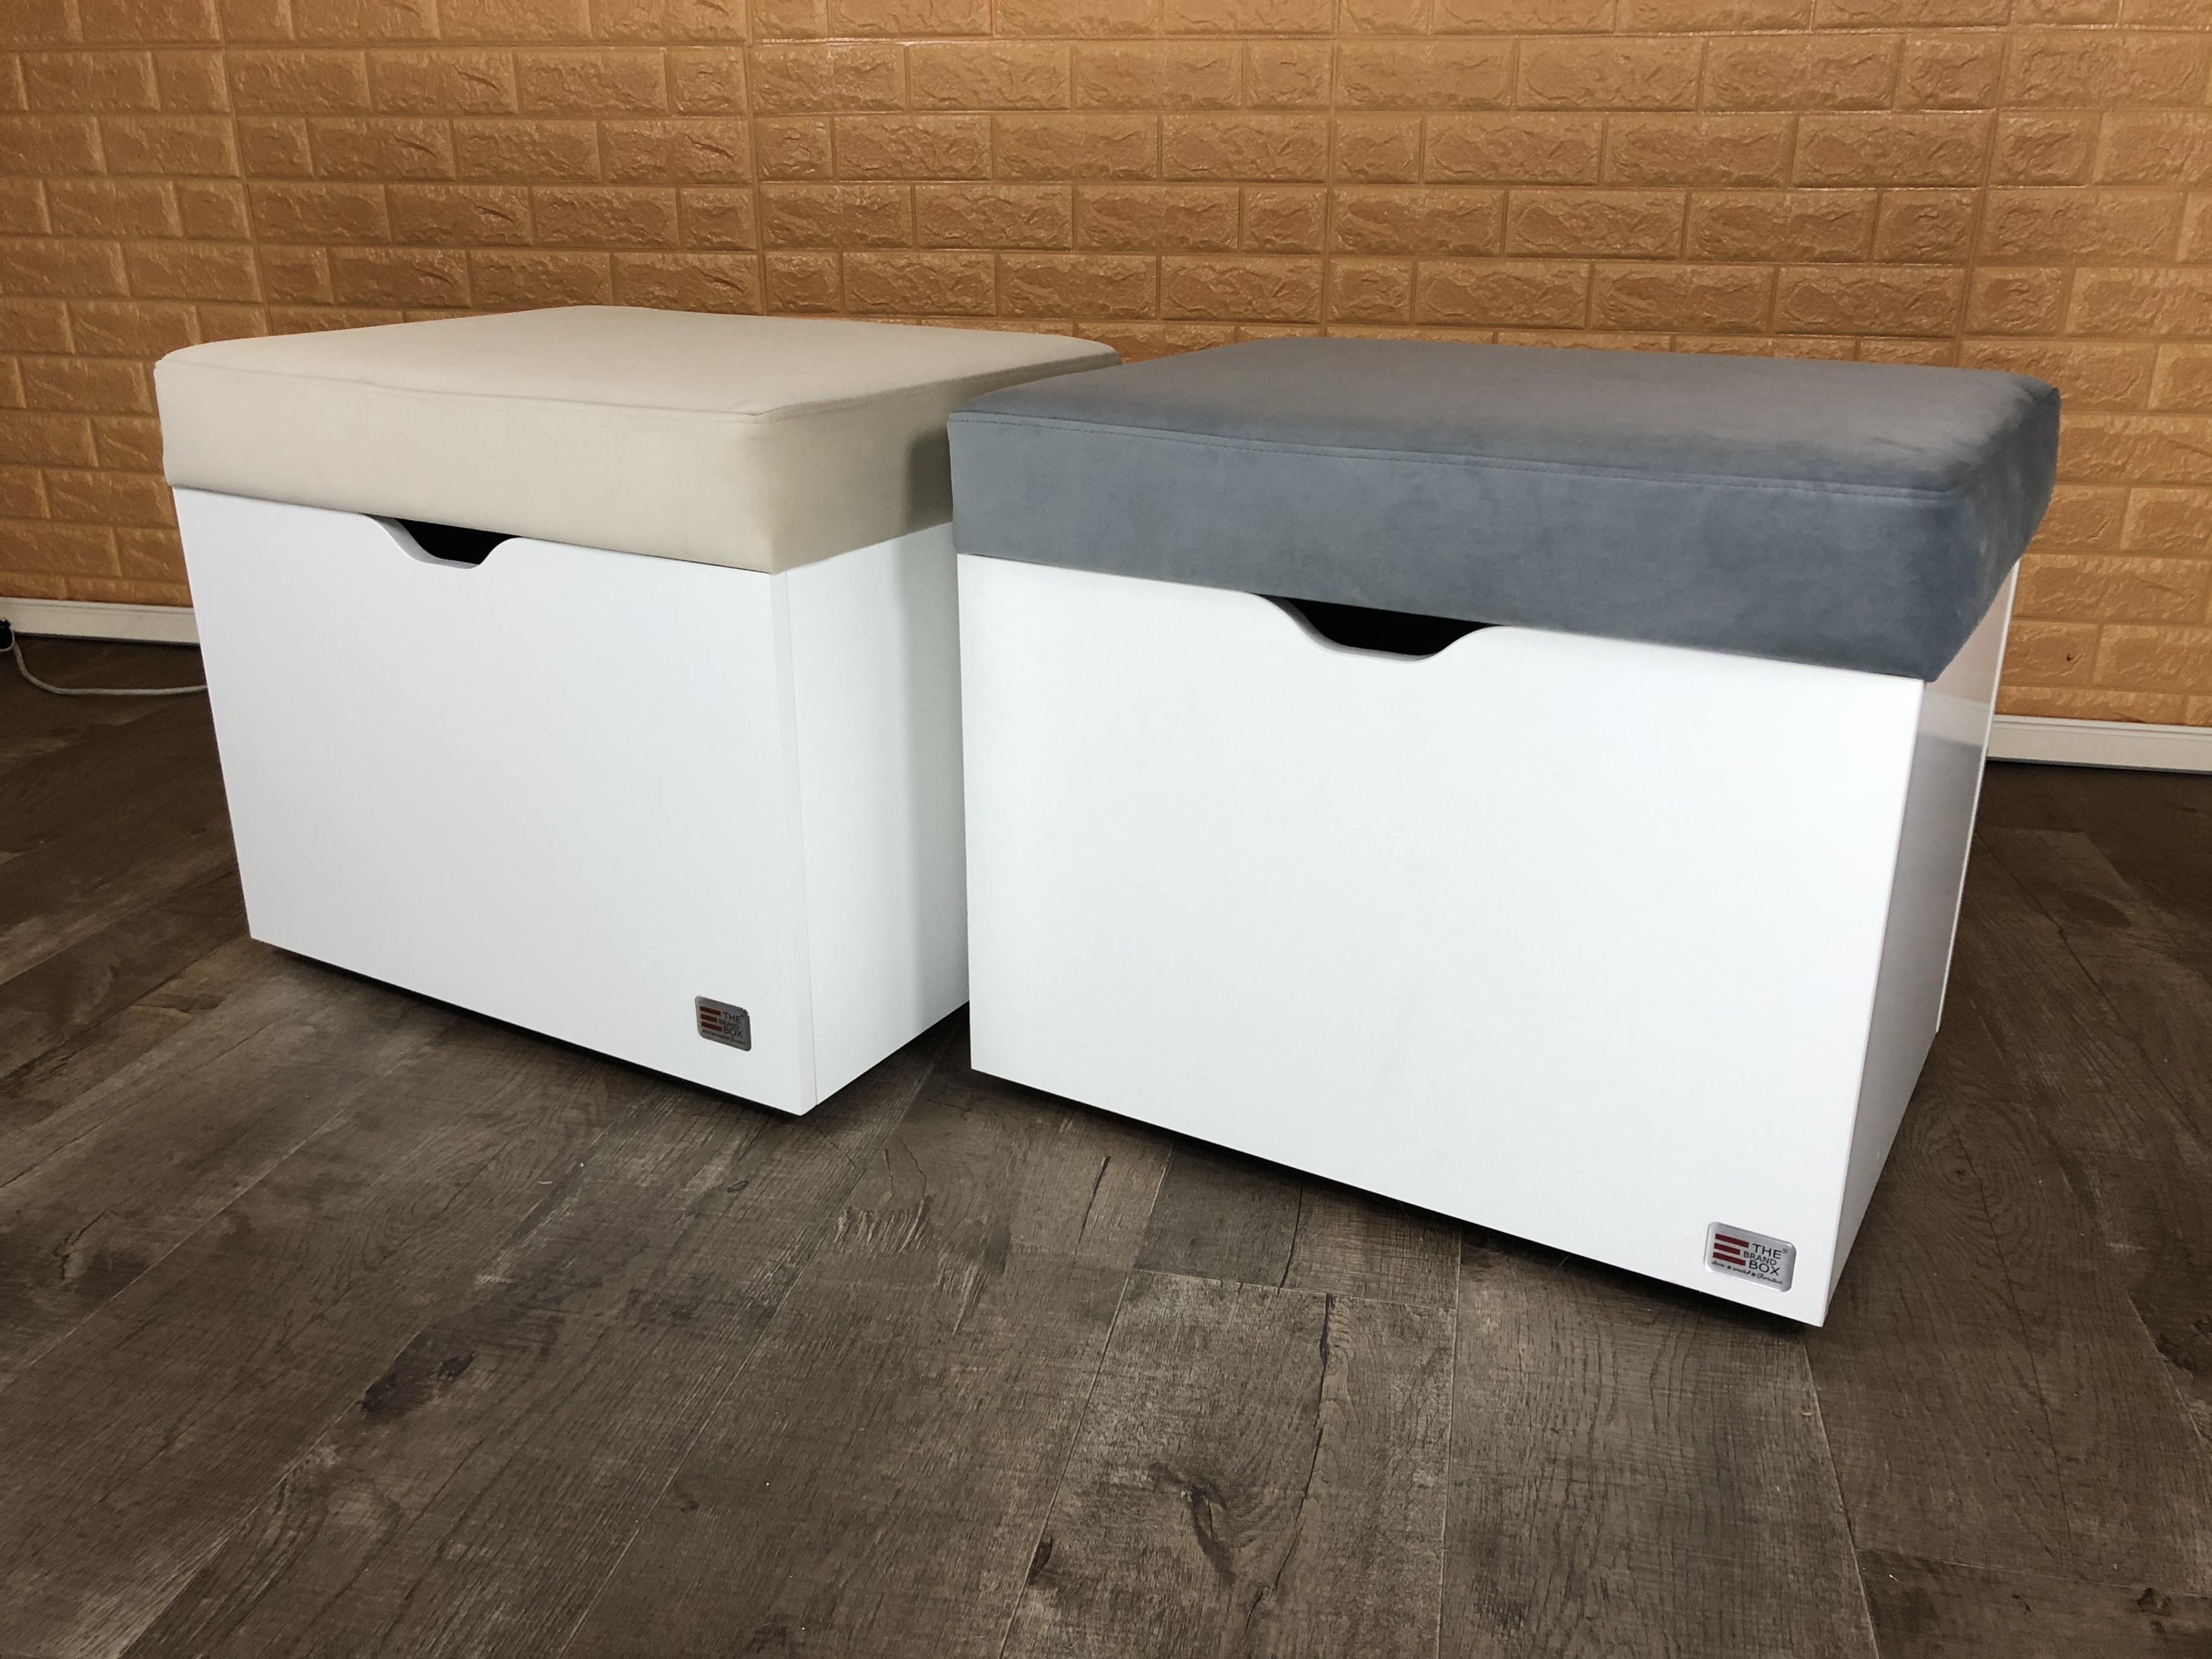 Unsere neue BrandBox SoftBench ist das perfekte Sitzmöbel als Ergänzung für deine BrandBox Möbel oder auch als kleines Stauraumwunder fürs Kinderzimmer! Der Sitzbezug ist aus edlen, zeitlosen Veloursstoffen in 5 Farbvarianten handgefertigt - und das Sitzkissen nicht zu hart und nicht zu weich. Das garantiert eine optimale Sitzposition während deiner Bastel-, Nähprojekte oder Büroarbeiten. Im Inneren der BrandBox SoftBench kannst du deine Nähmaschine, Overlock, Coverlock, andere Maschinen, Wolle, Stoffe oder Spielzeug verstauen. Die BrandBox SoftBench ist mit 4 Rollen ausgestattet und somit ein flexibler Begleiter in deinem zu Hause. Die Sitzhöhe beträgt 51 cm. Du kannst das Polster in Delfingrau, Sandfarben, Pink, Petrol oder Leder (Imitat) wählen. Der Innendeckel ist übrigens mit einer weißen Metallplatte ausgekleidet und kann somit als Magenttafel für Erinnerungen oder Notizen genutzt werden. Wir versuchen wirklich jeden Winkel unserer Möbel optimal zu gestalten. Die SoftBench kann außerdem in unseren bekannten Holzdekoren bestellt werden.🧡